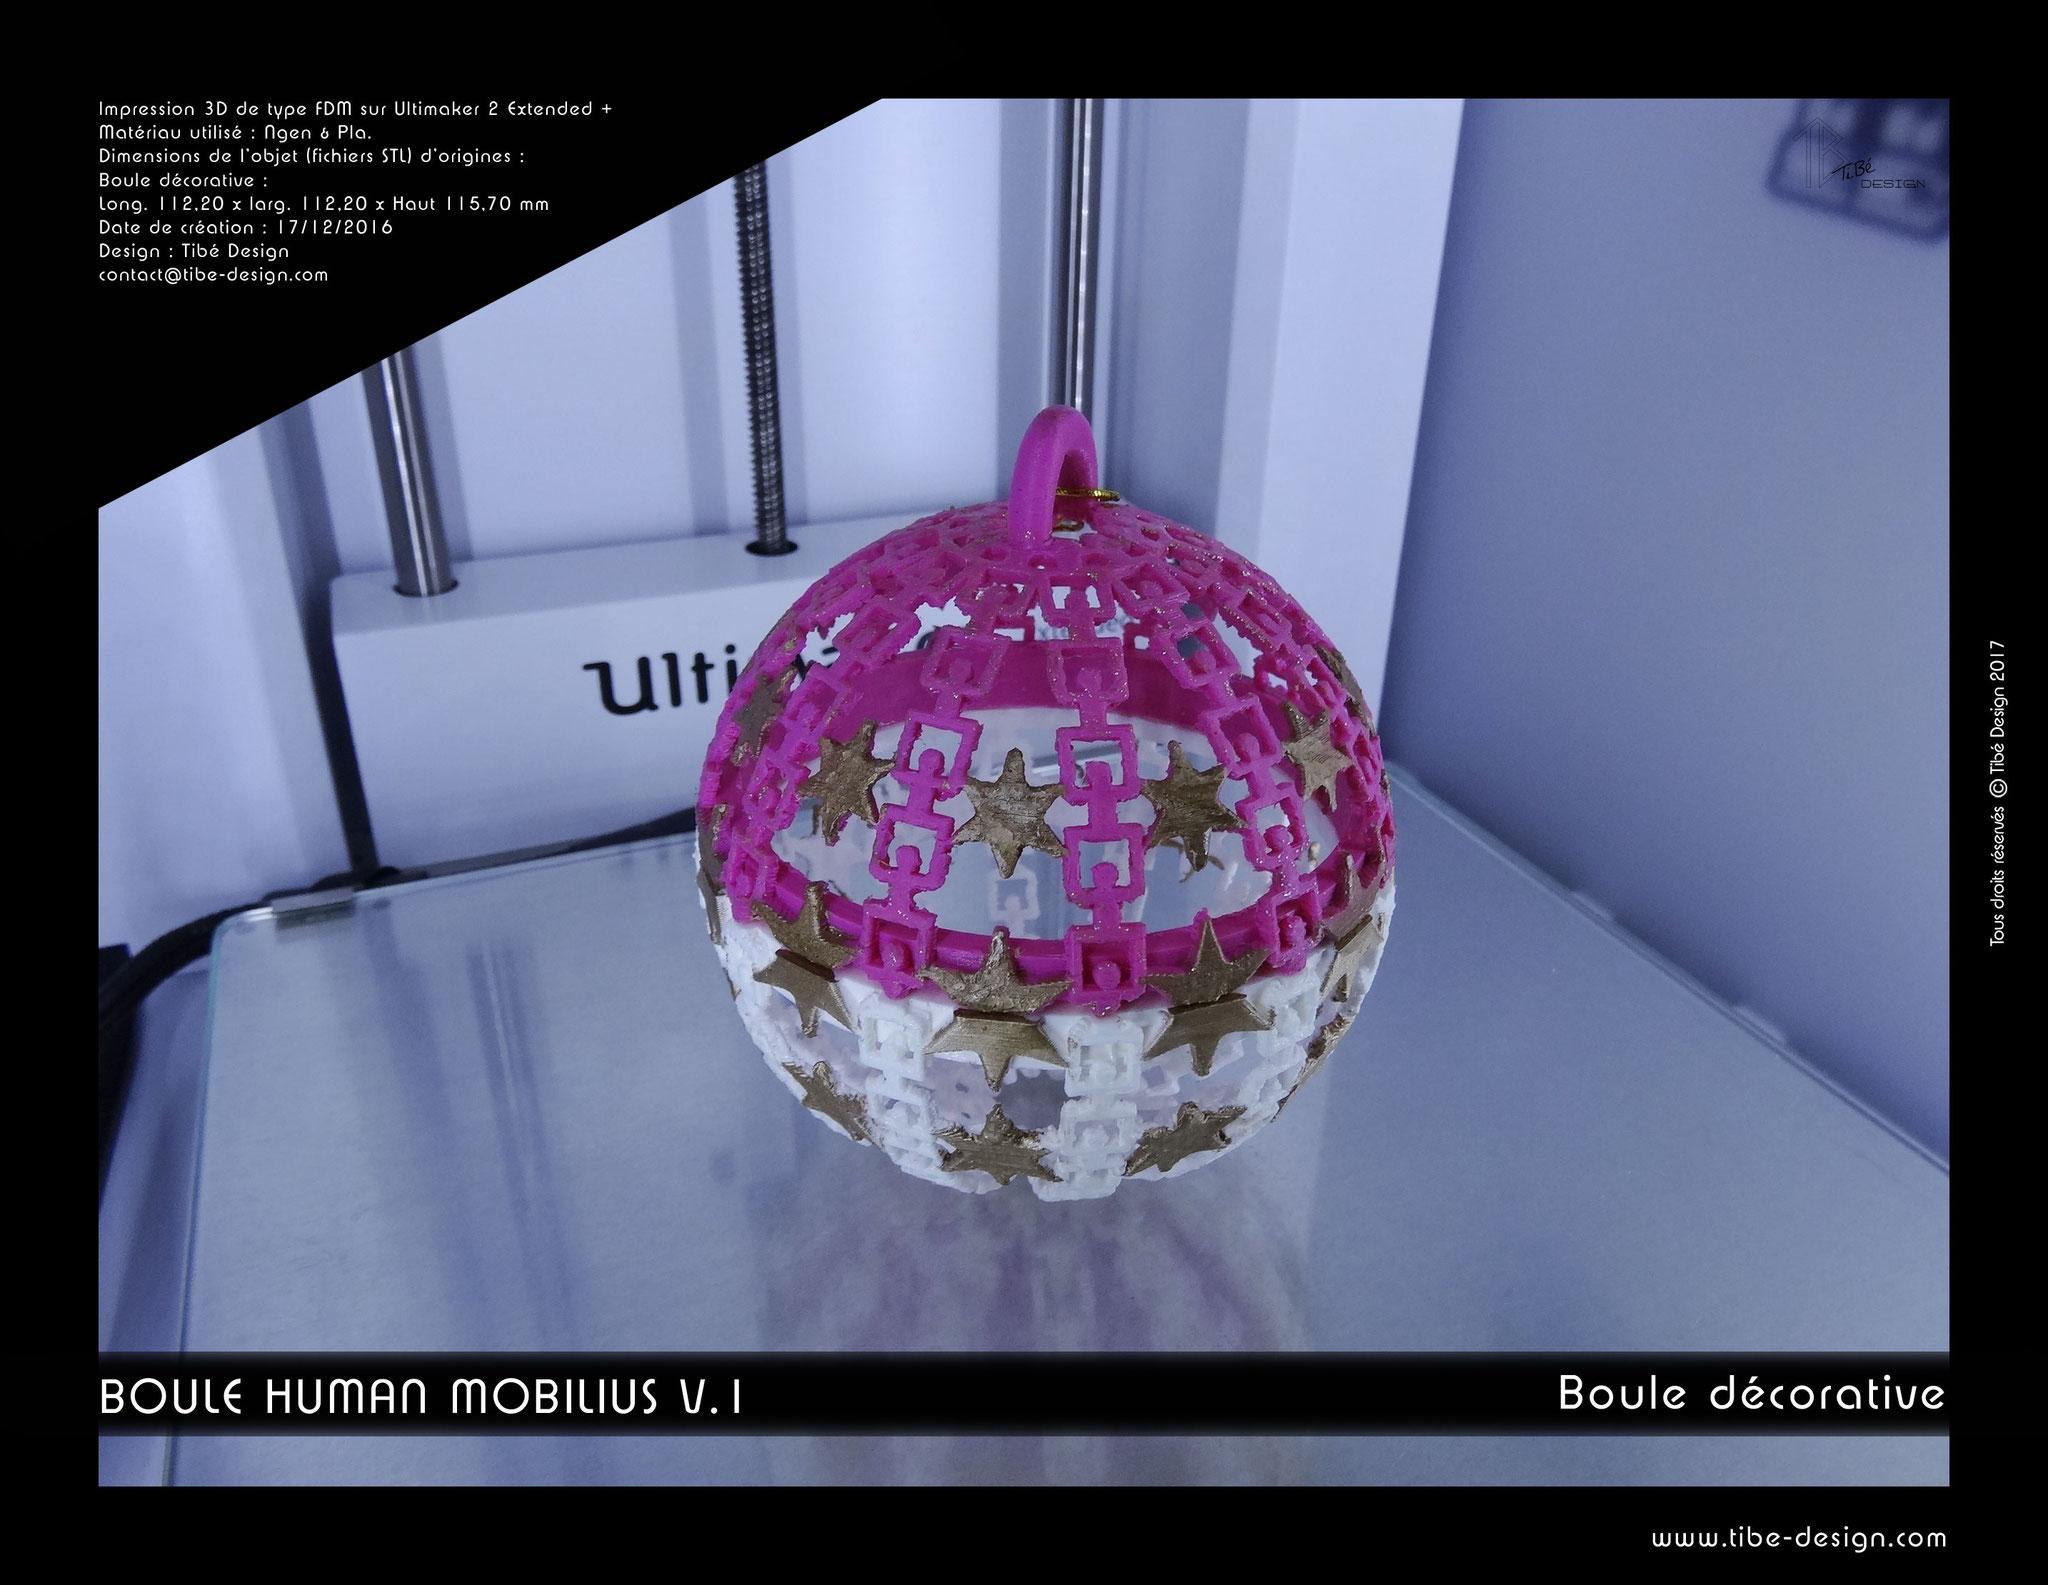 Boule décorative Human Mobilius V.1